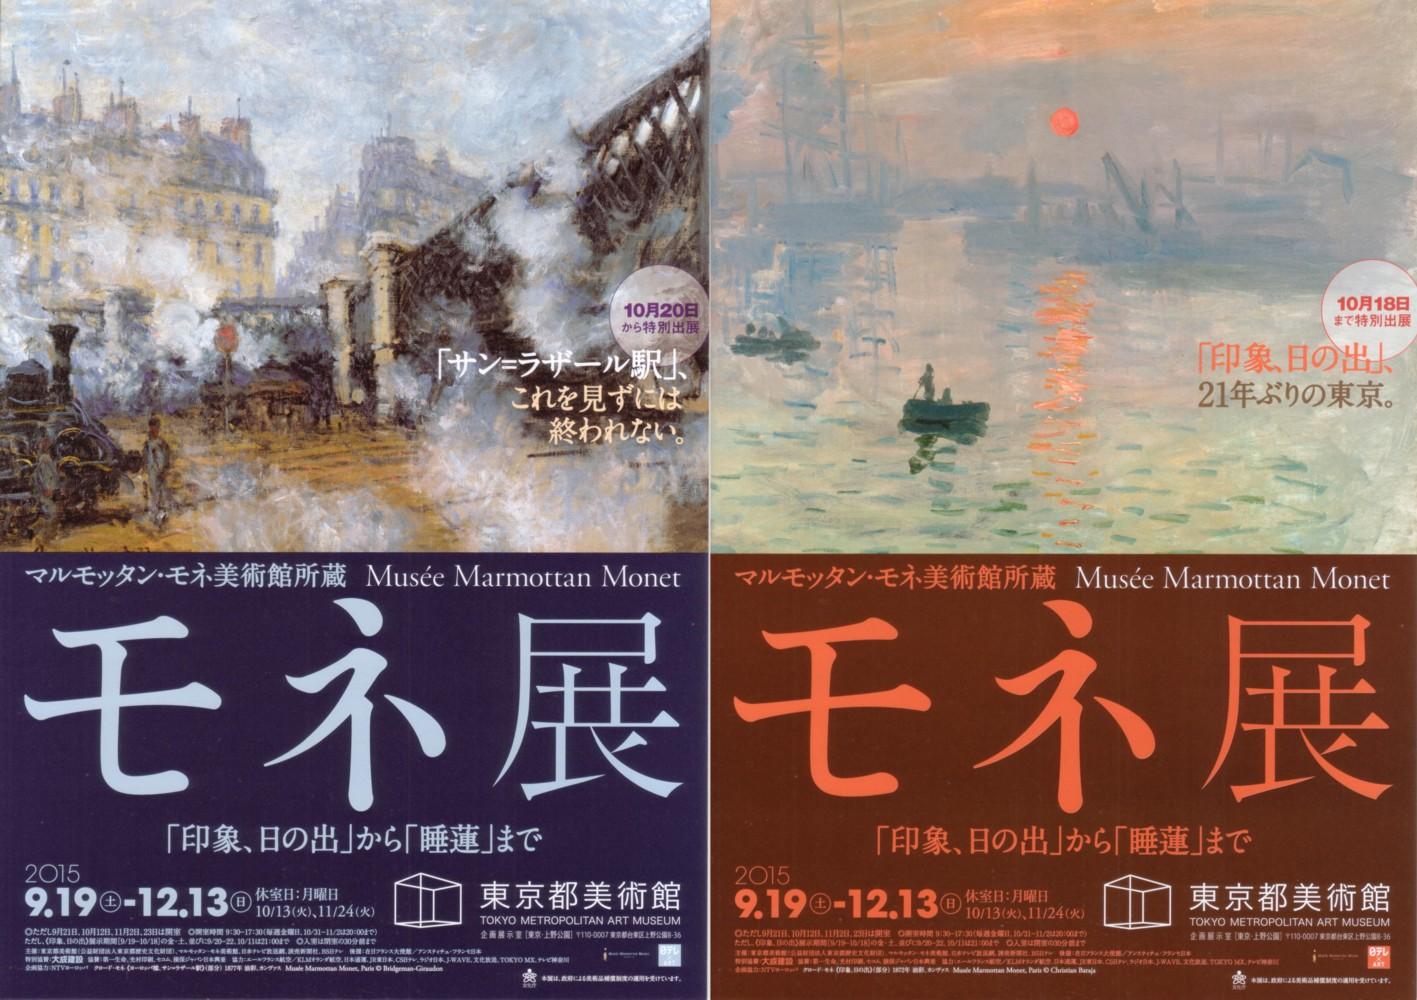 マルモッタン・モネ美術館所蔵 モネ展01